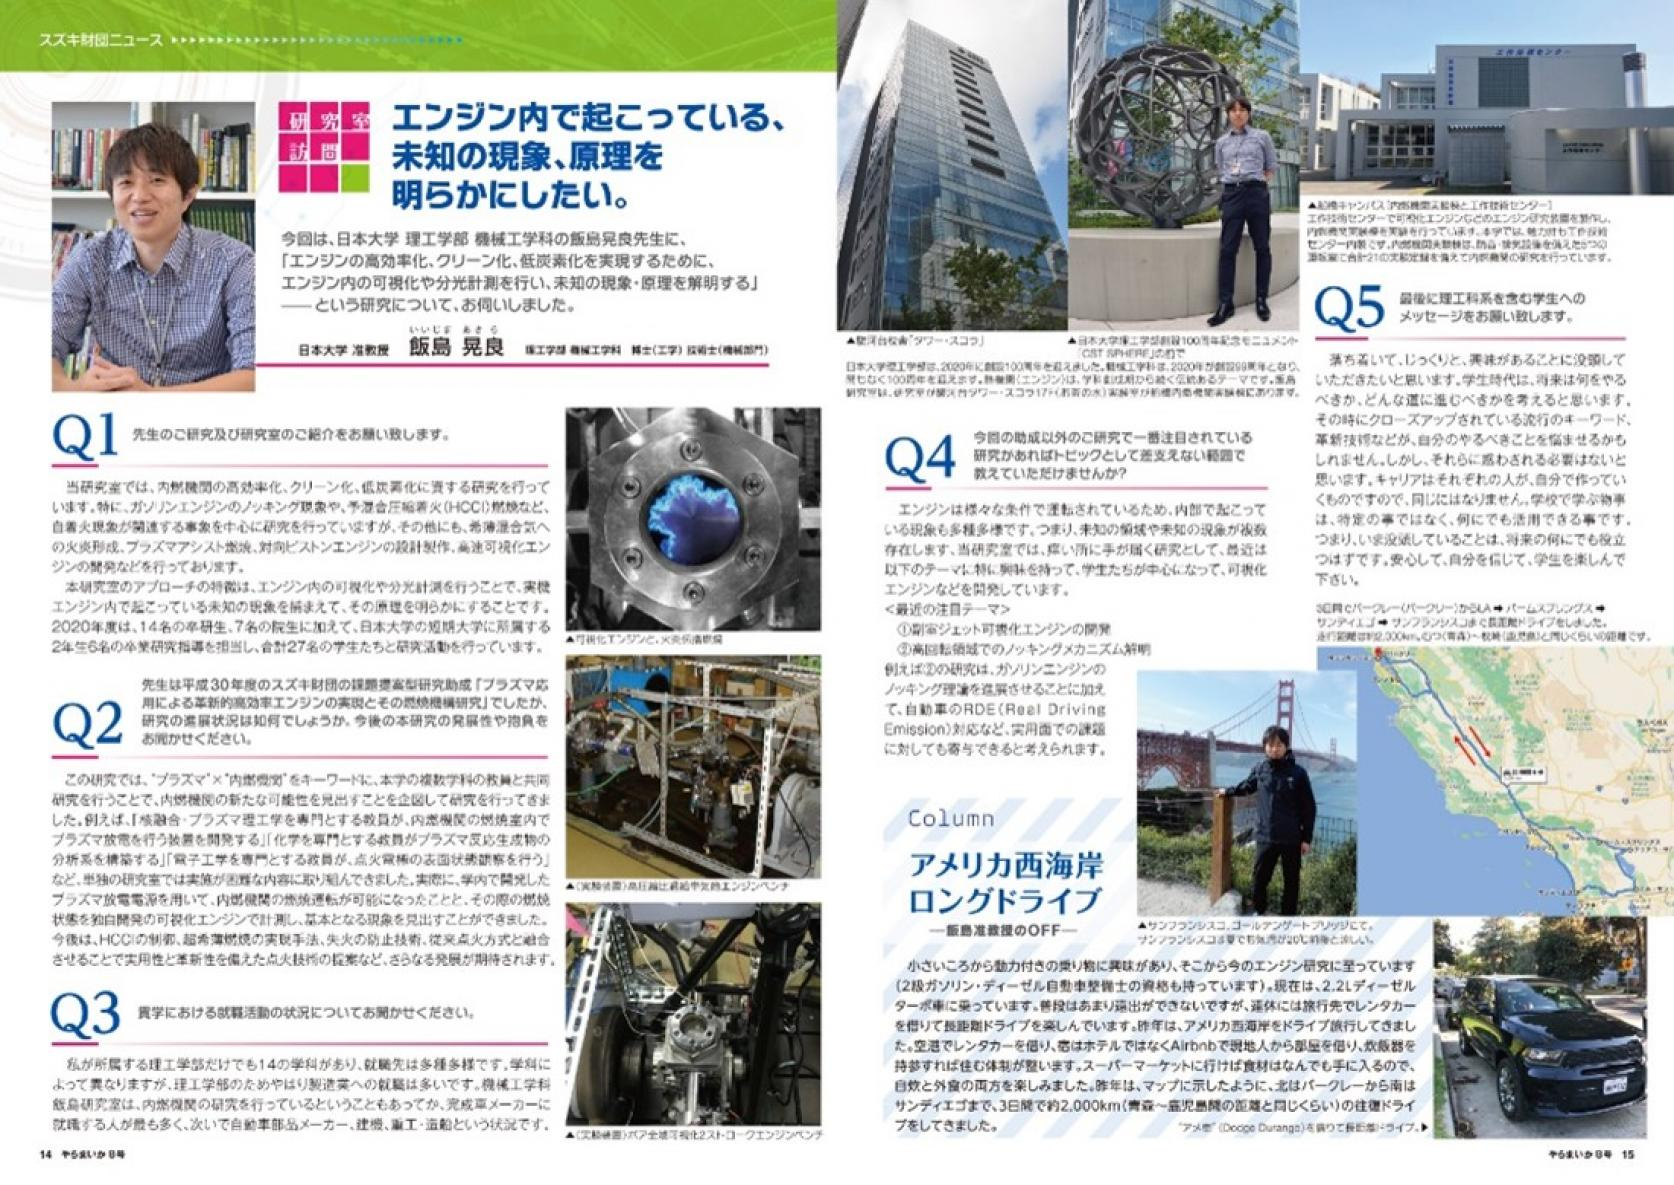 スズキ株式会社の情報誌に、機械工学科飯島研究室が紹介されました。